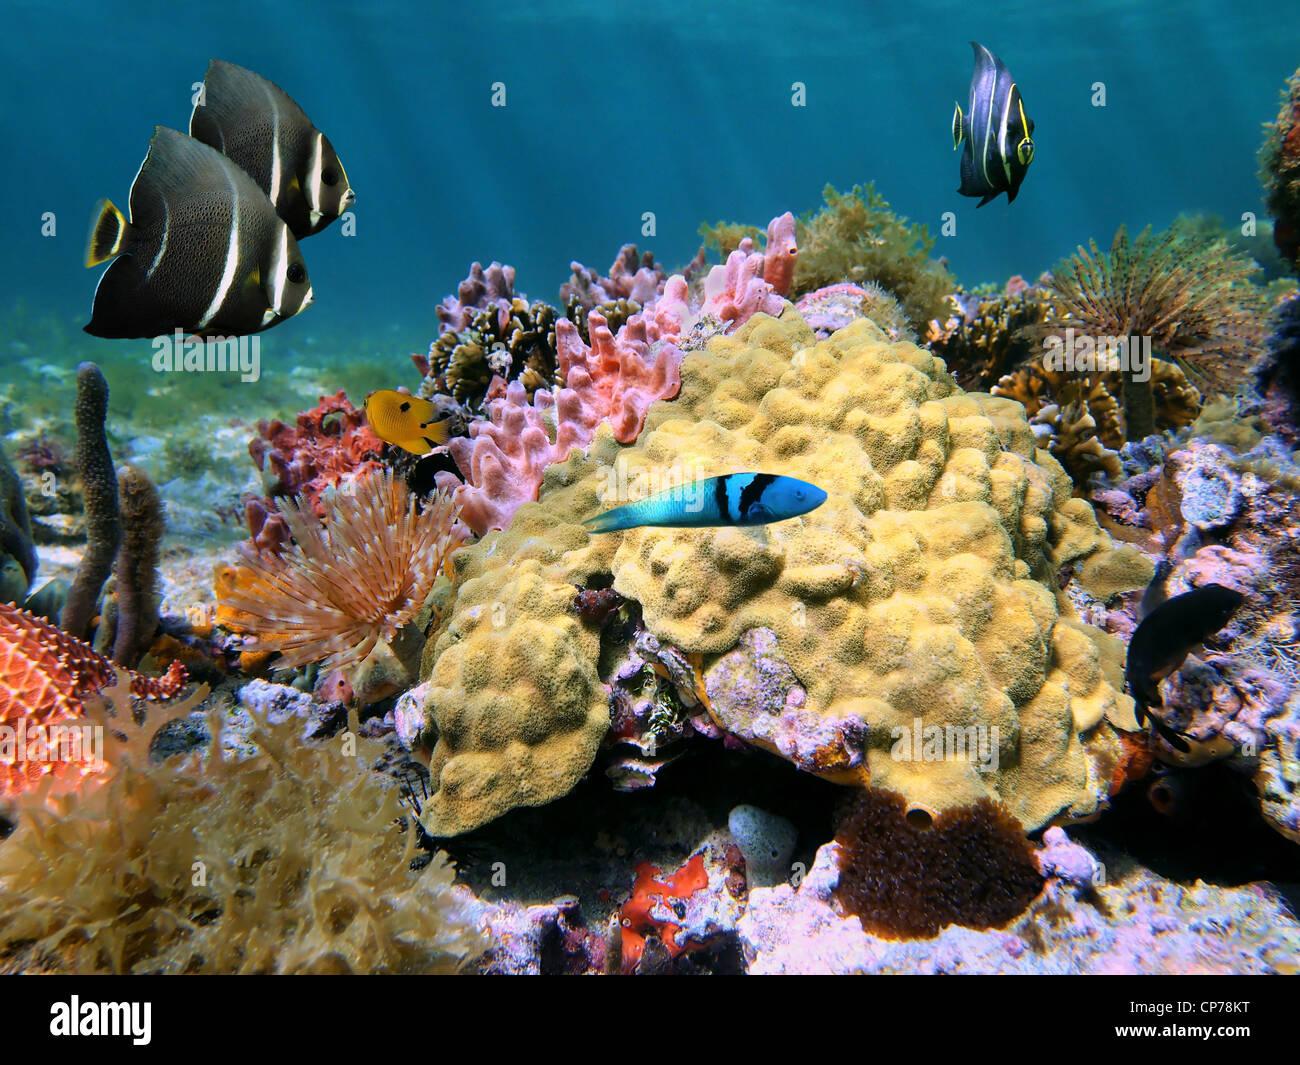 Unterwasser, farbenfrohe Unterwasserwelt mit Senf Hill Korallen und tropischen Fischen auf einem Meeresboden des Stockbild